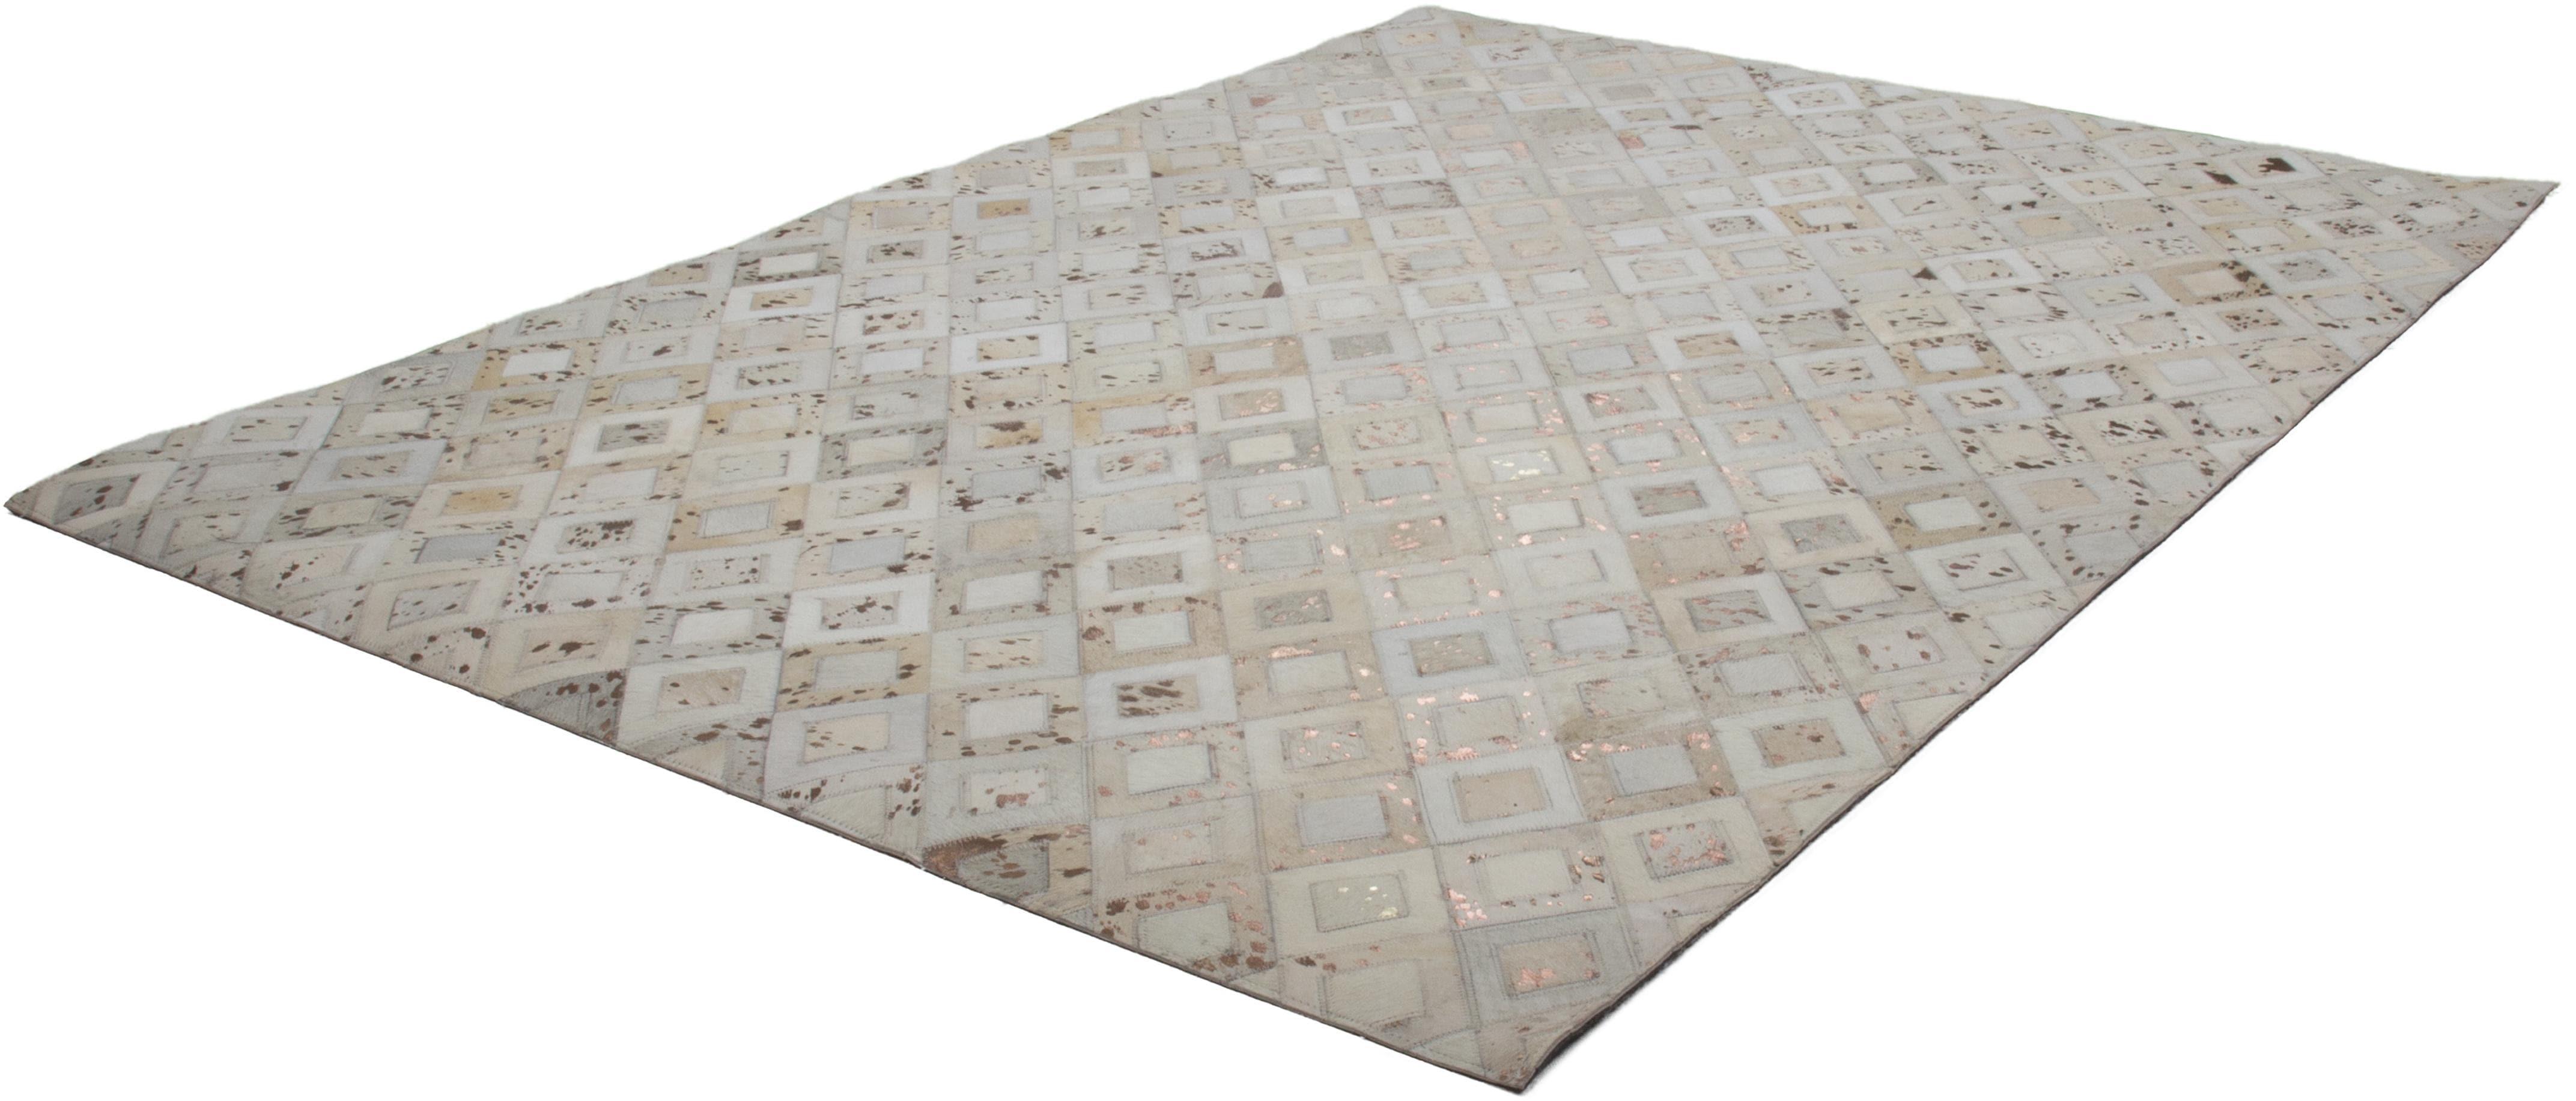 Lederteppich Spark 110 Kayoom rechteckig Höhe 8 mm handgewebt